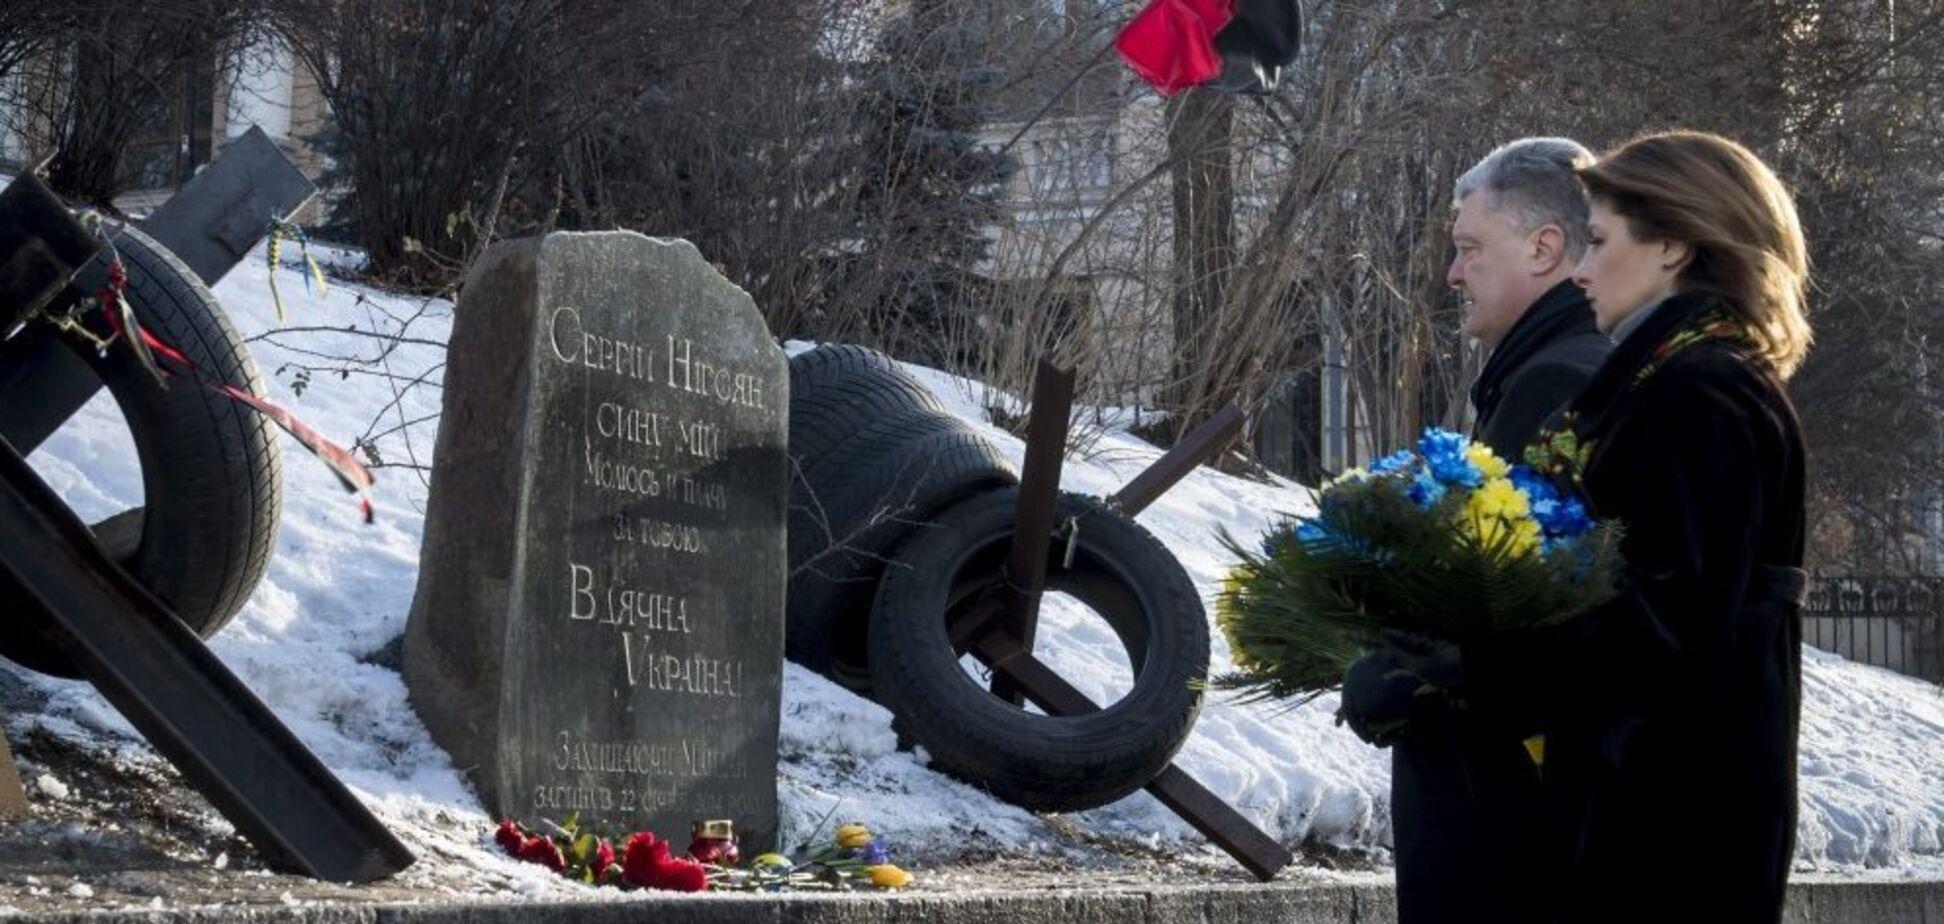 'Реванша не будет!' В 'ЕС' пообещали восстановить разбитый памятник Нигояну